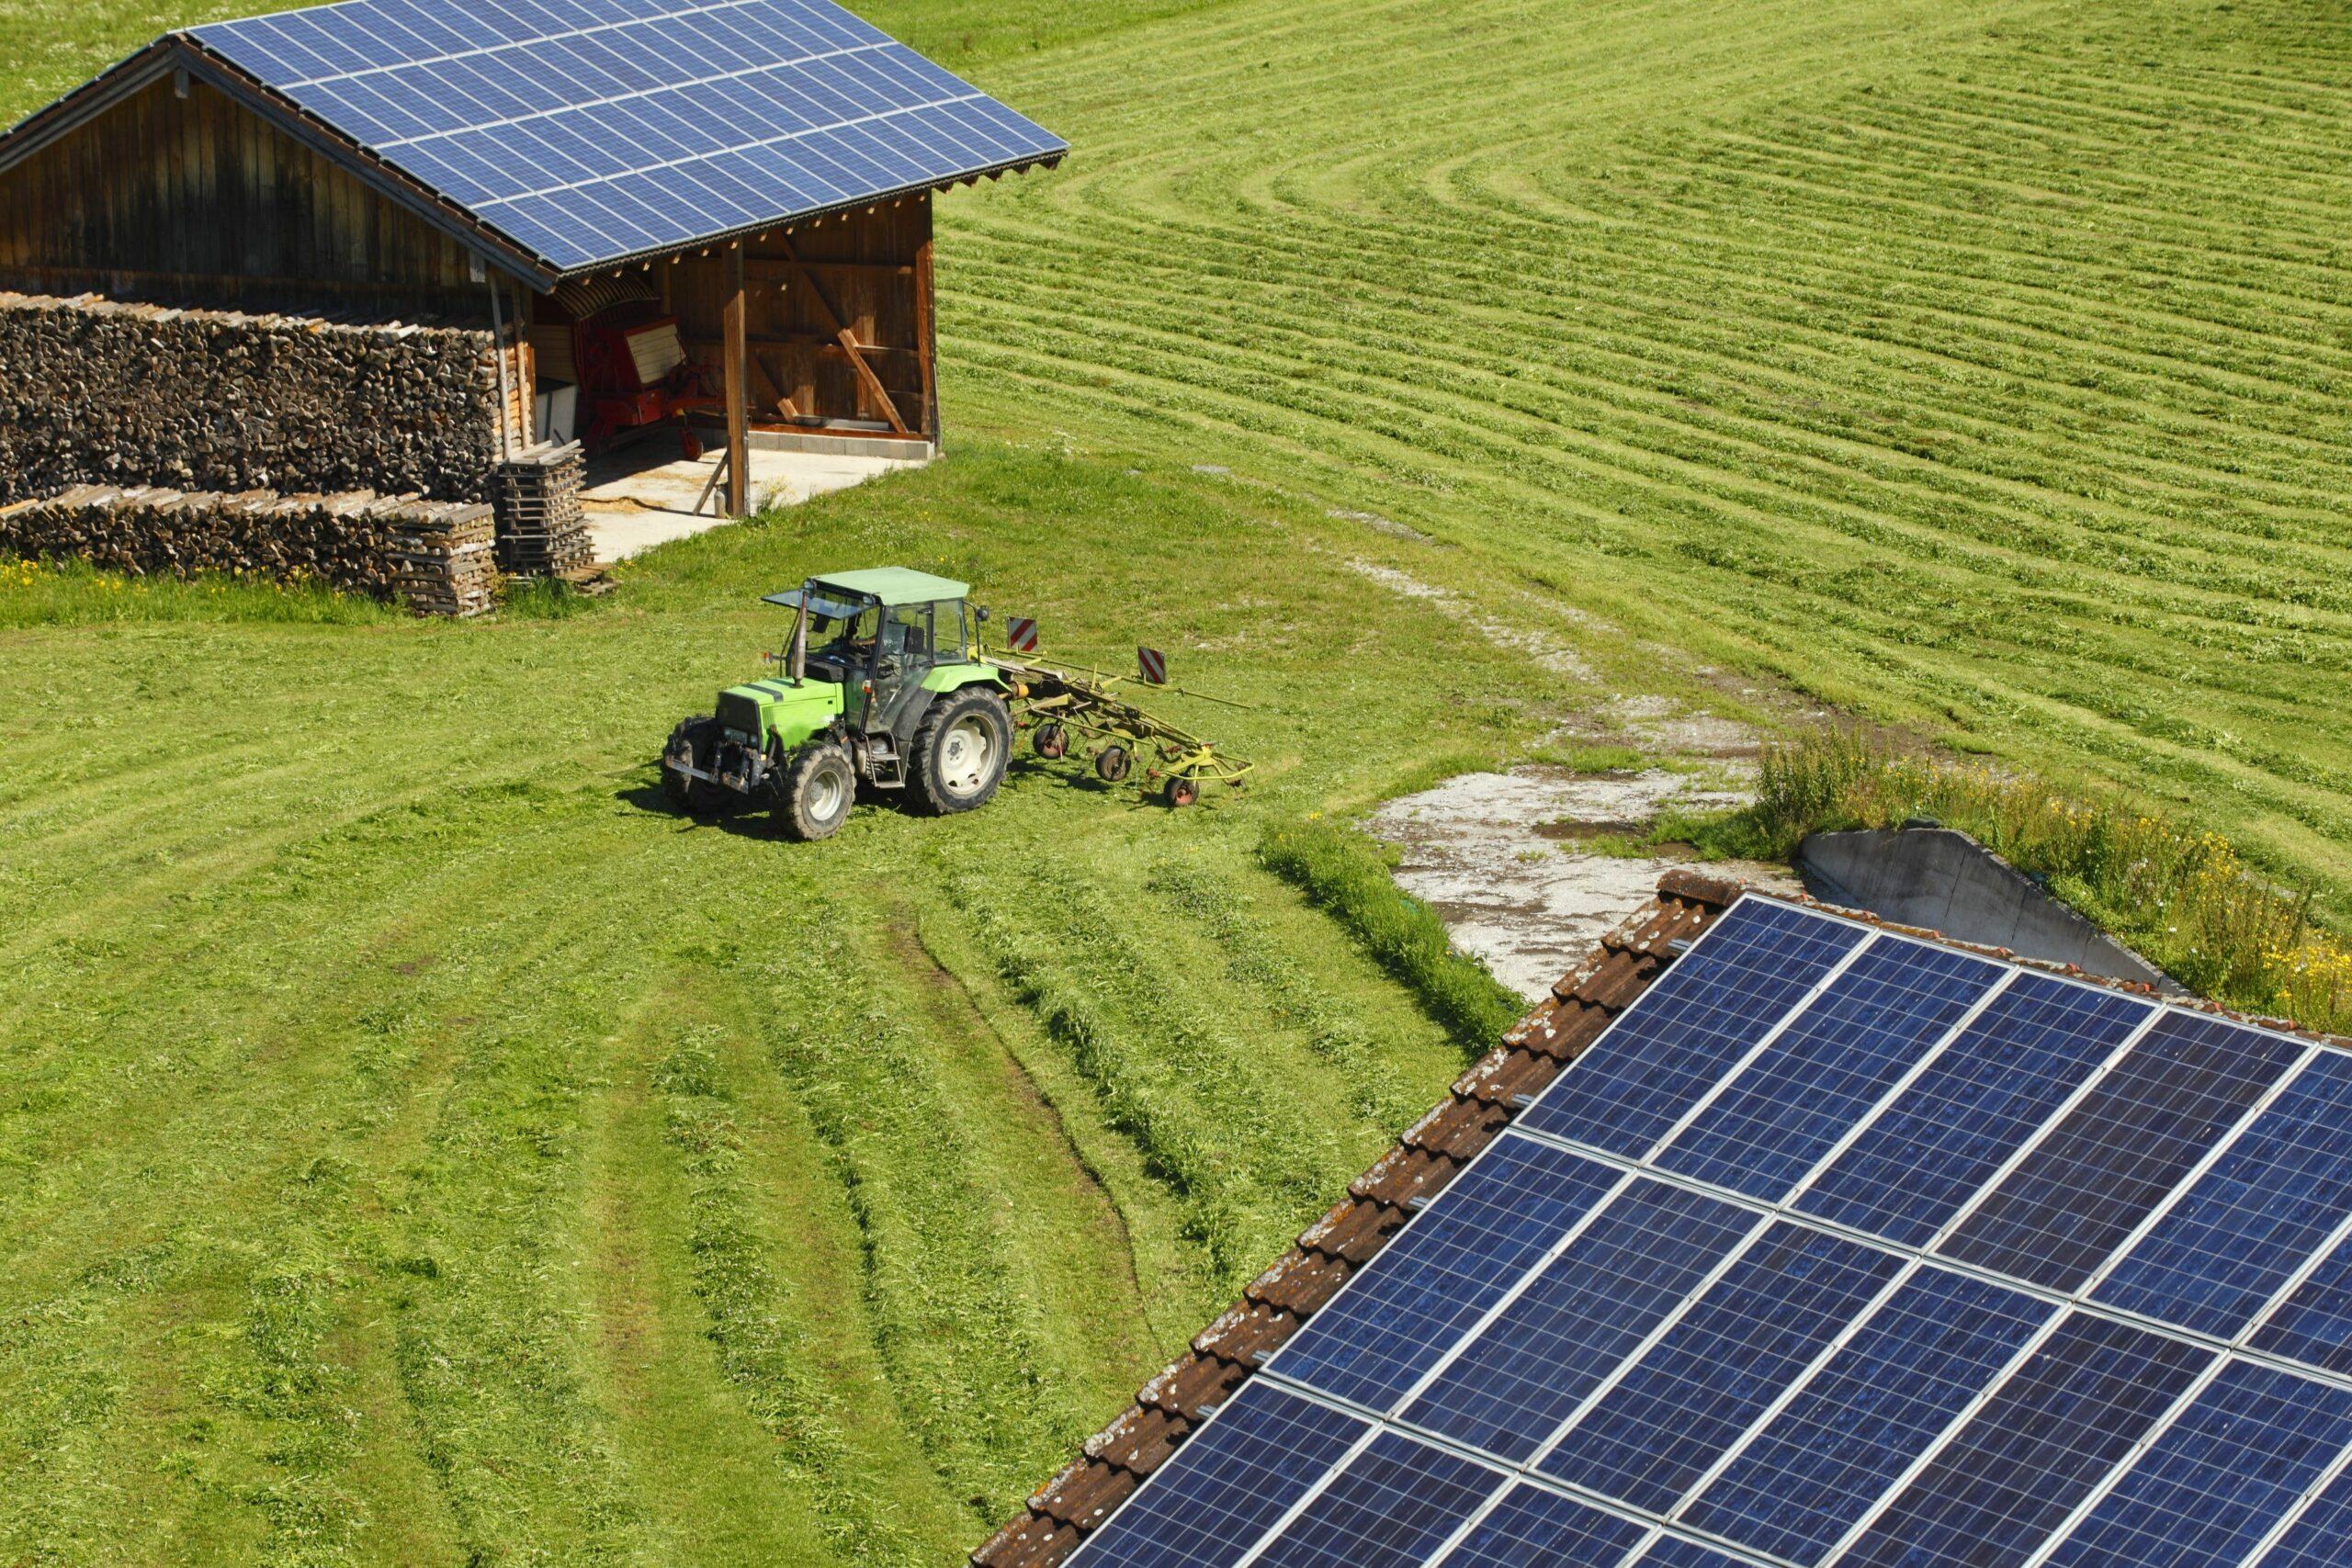 tracteur panneau solaire